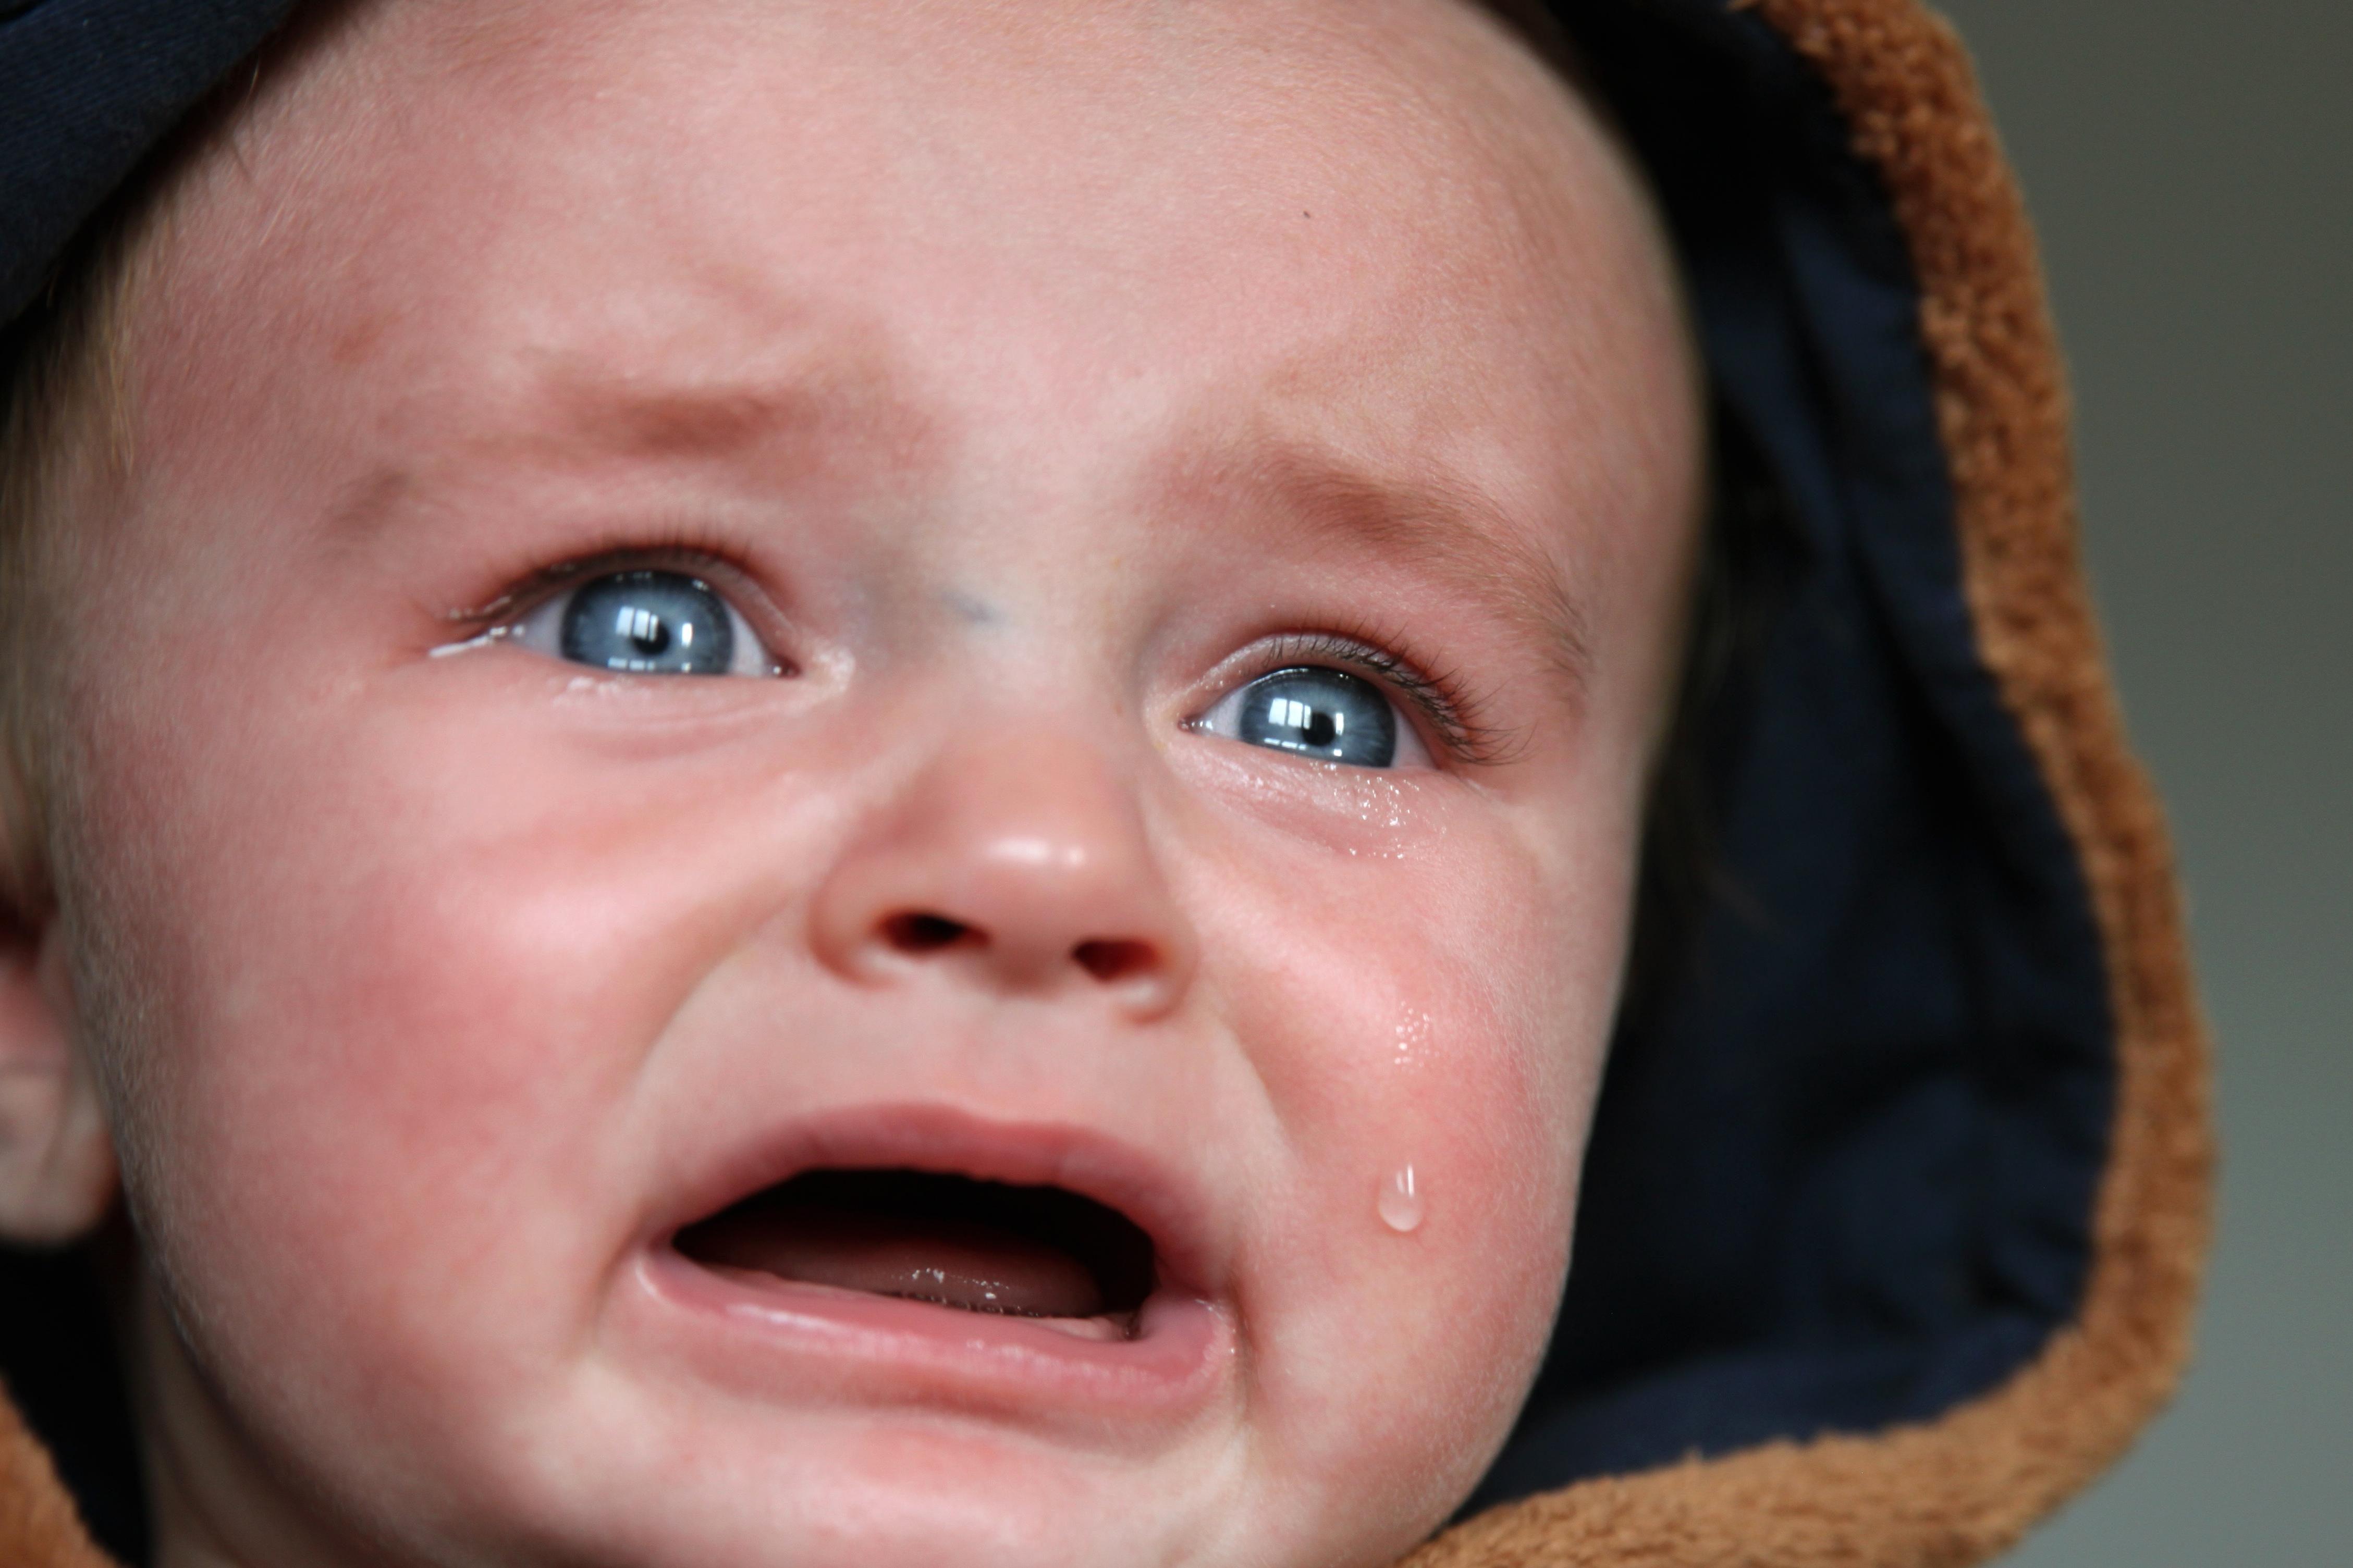 Картинки малышей плачущих